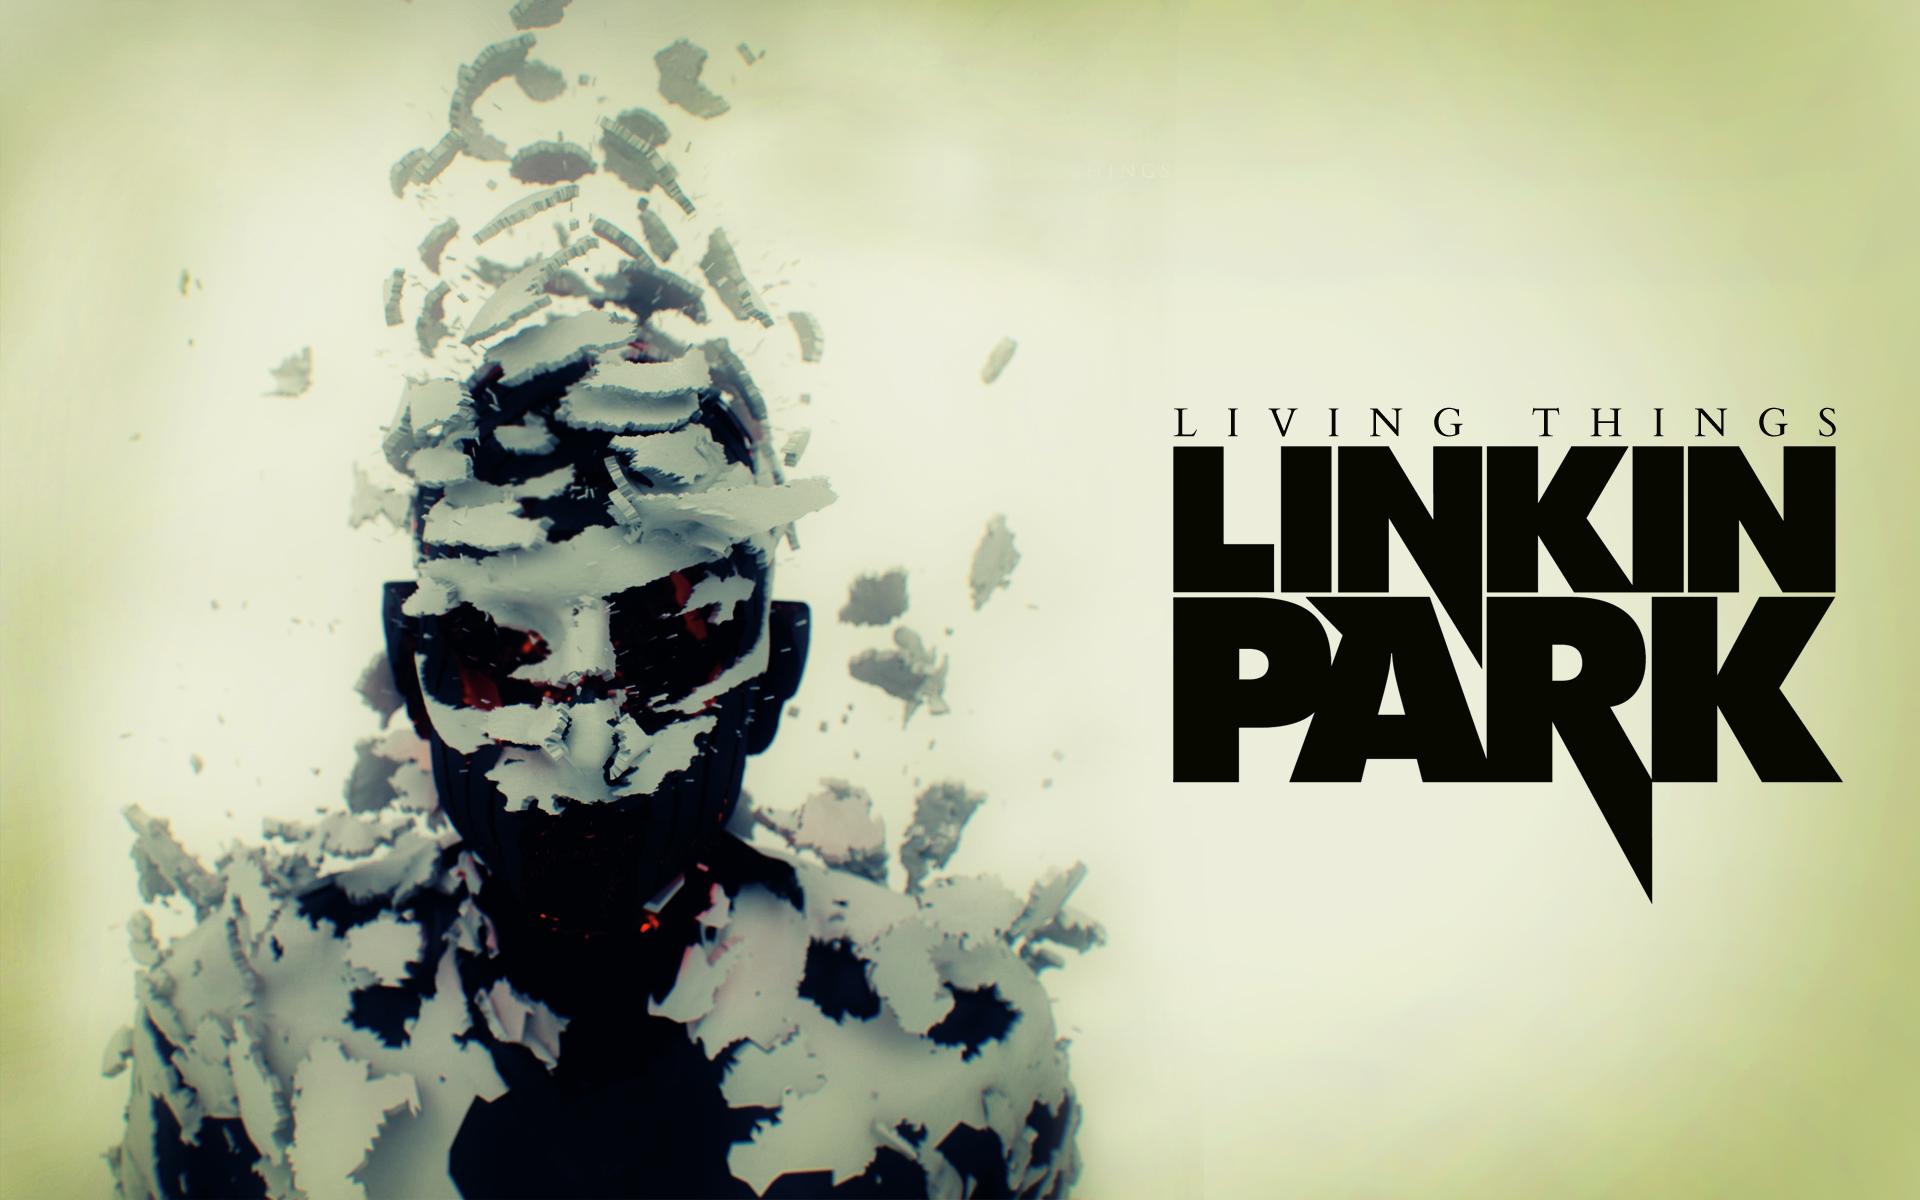 Download Linkin Park Wallpaper 12849 1920x1200 Px High